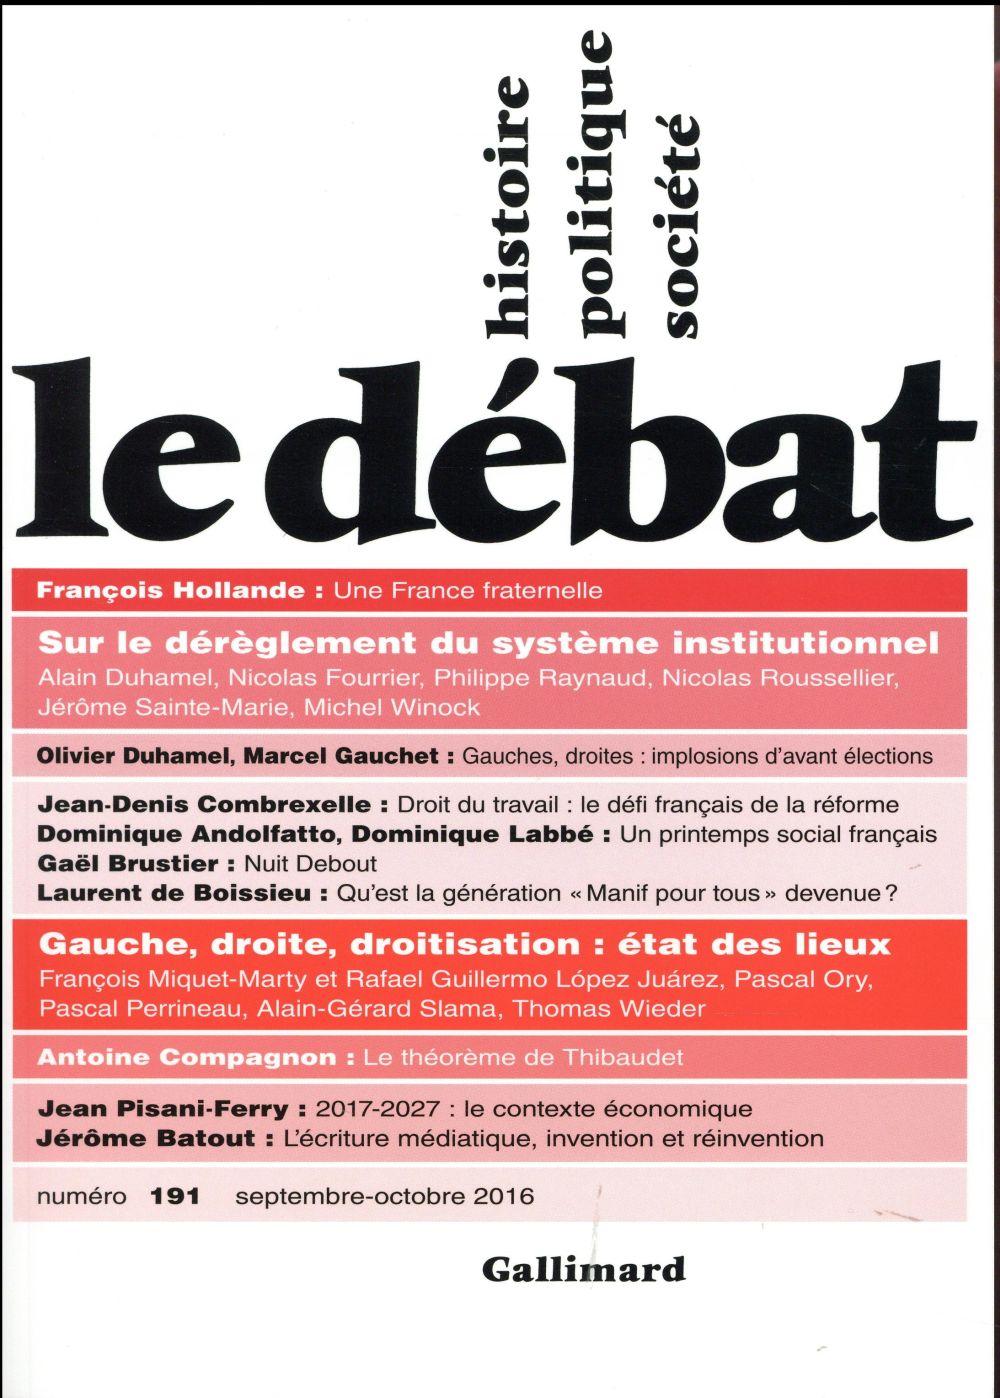 LE DEBAT 191